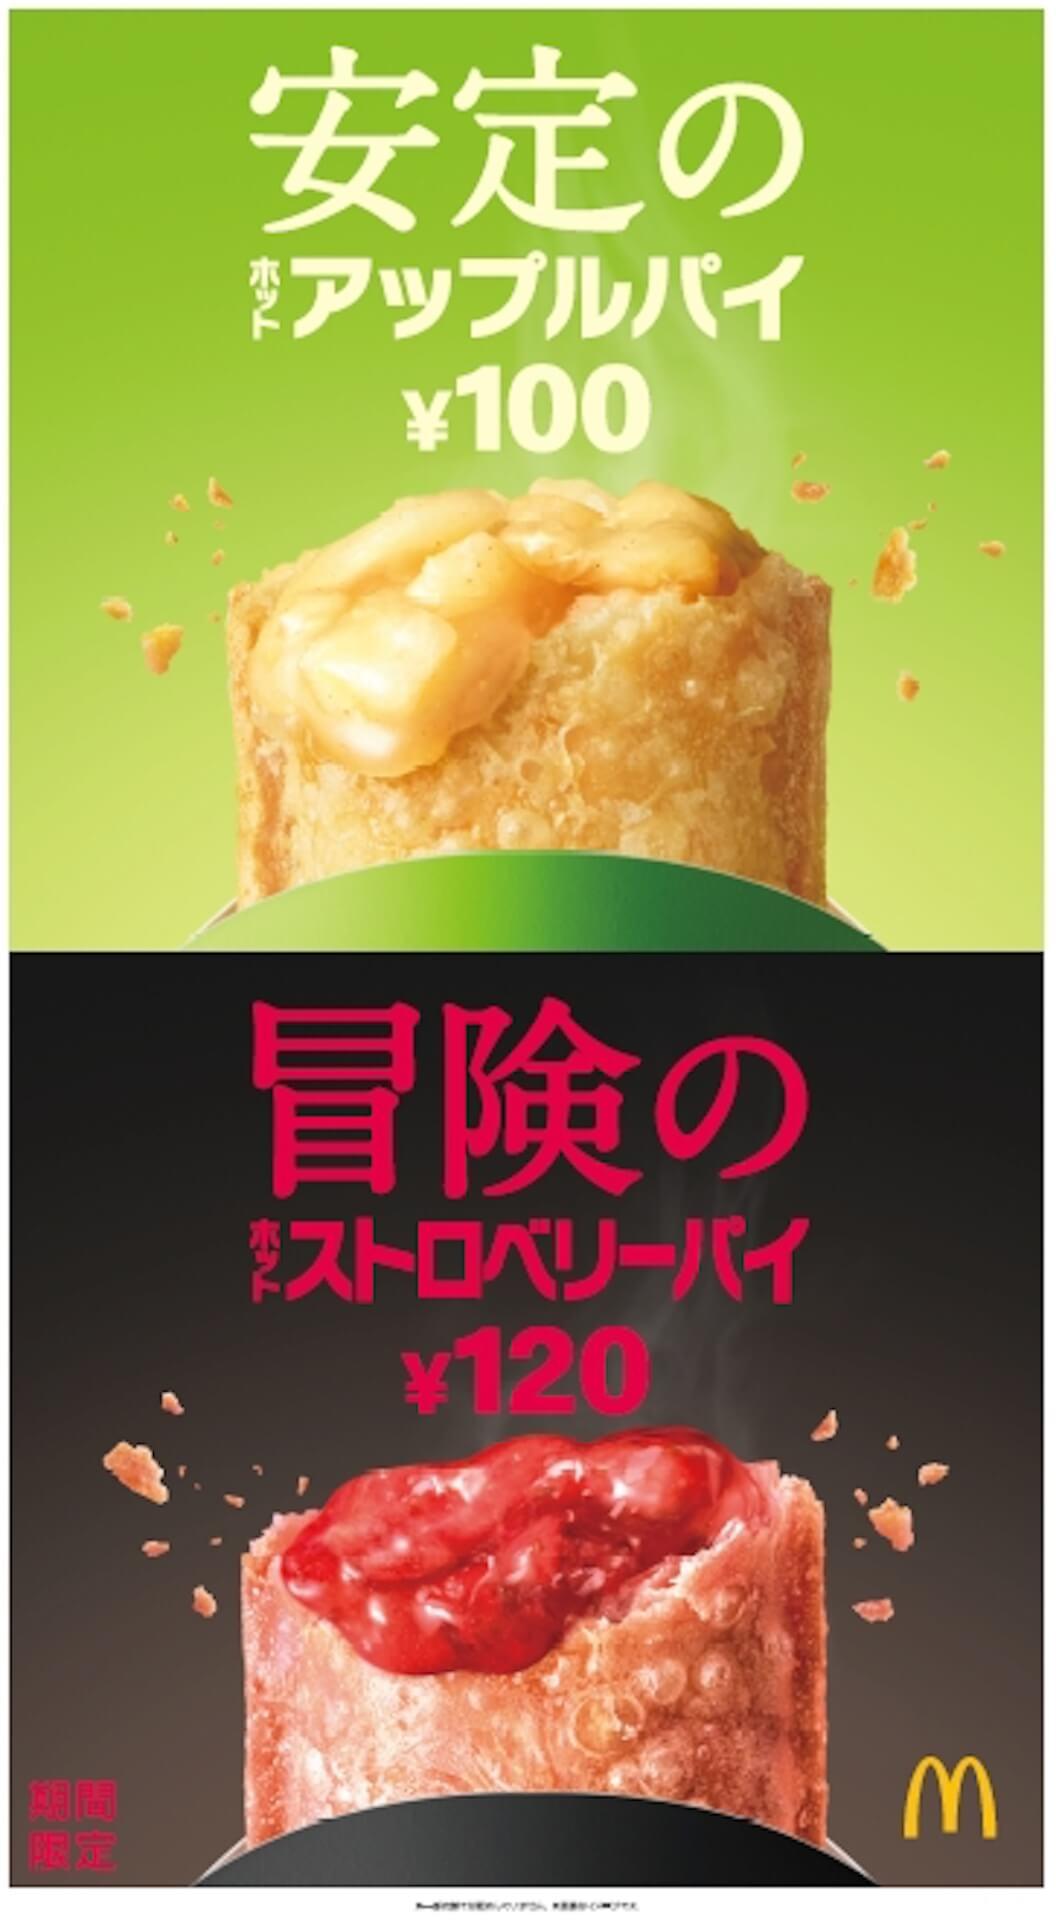 """マクドナルドから""""冒険""""の新商品ホットストロベリーパイが期間限定で登場!""""安定""""のホットアップルパイとどちらを選ぶ? gourmet200227_mcdonald_pie_5"""